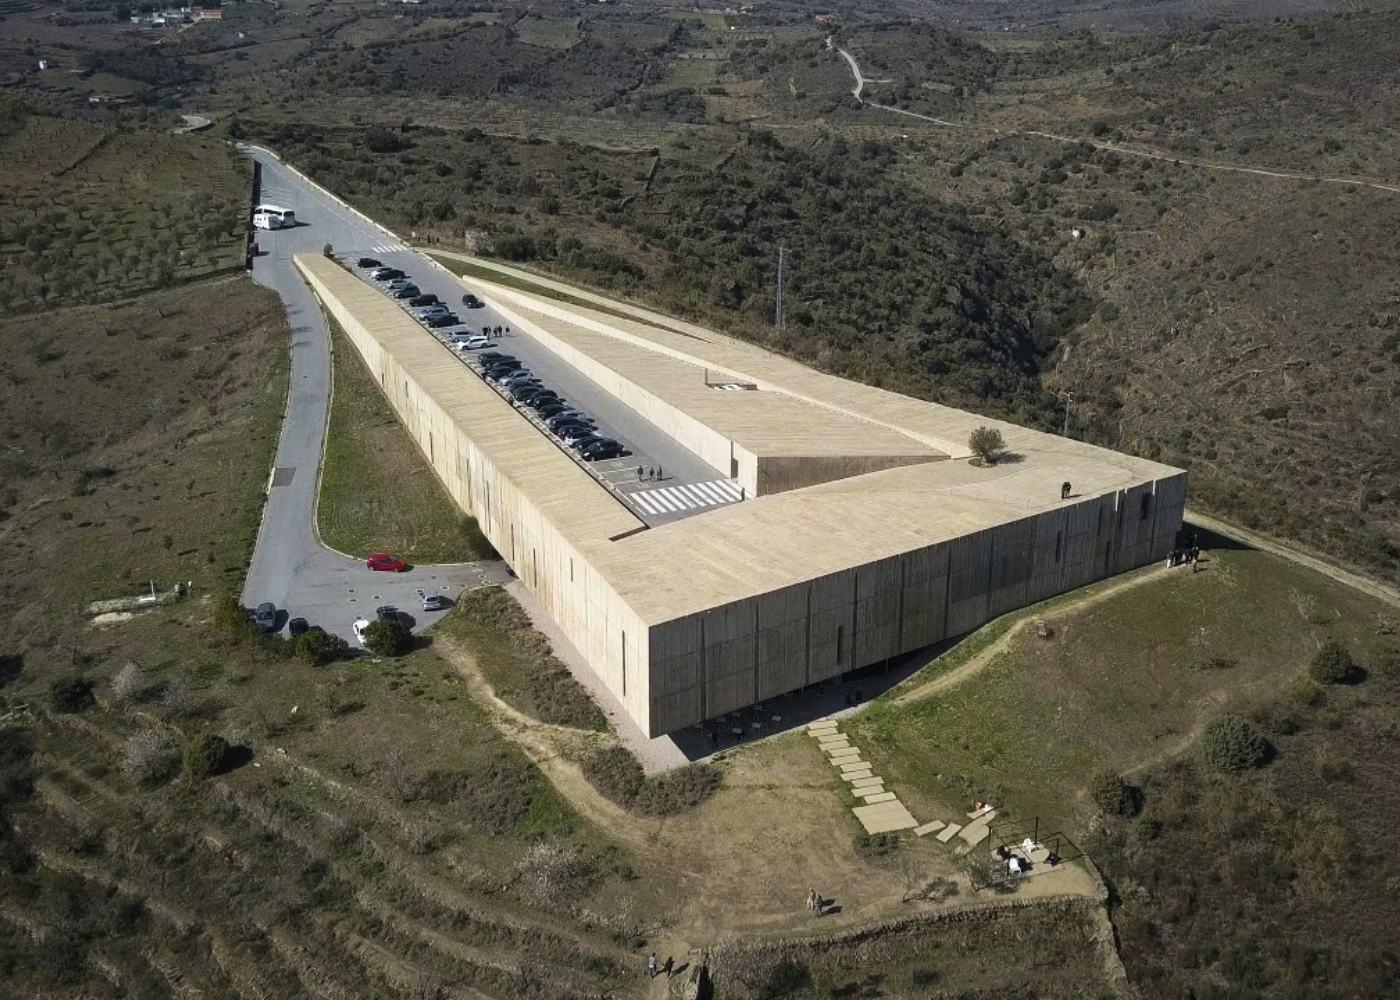 Vista aérea do Museu de Foz Côa